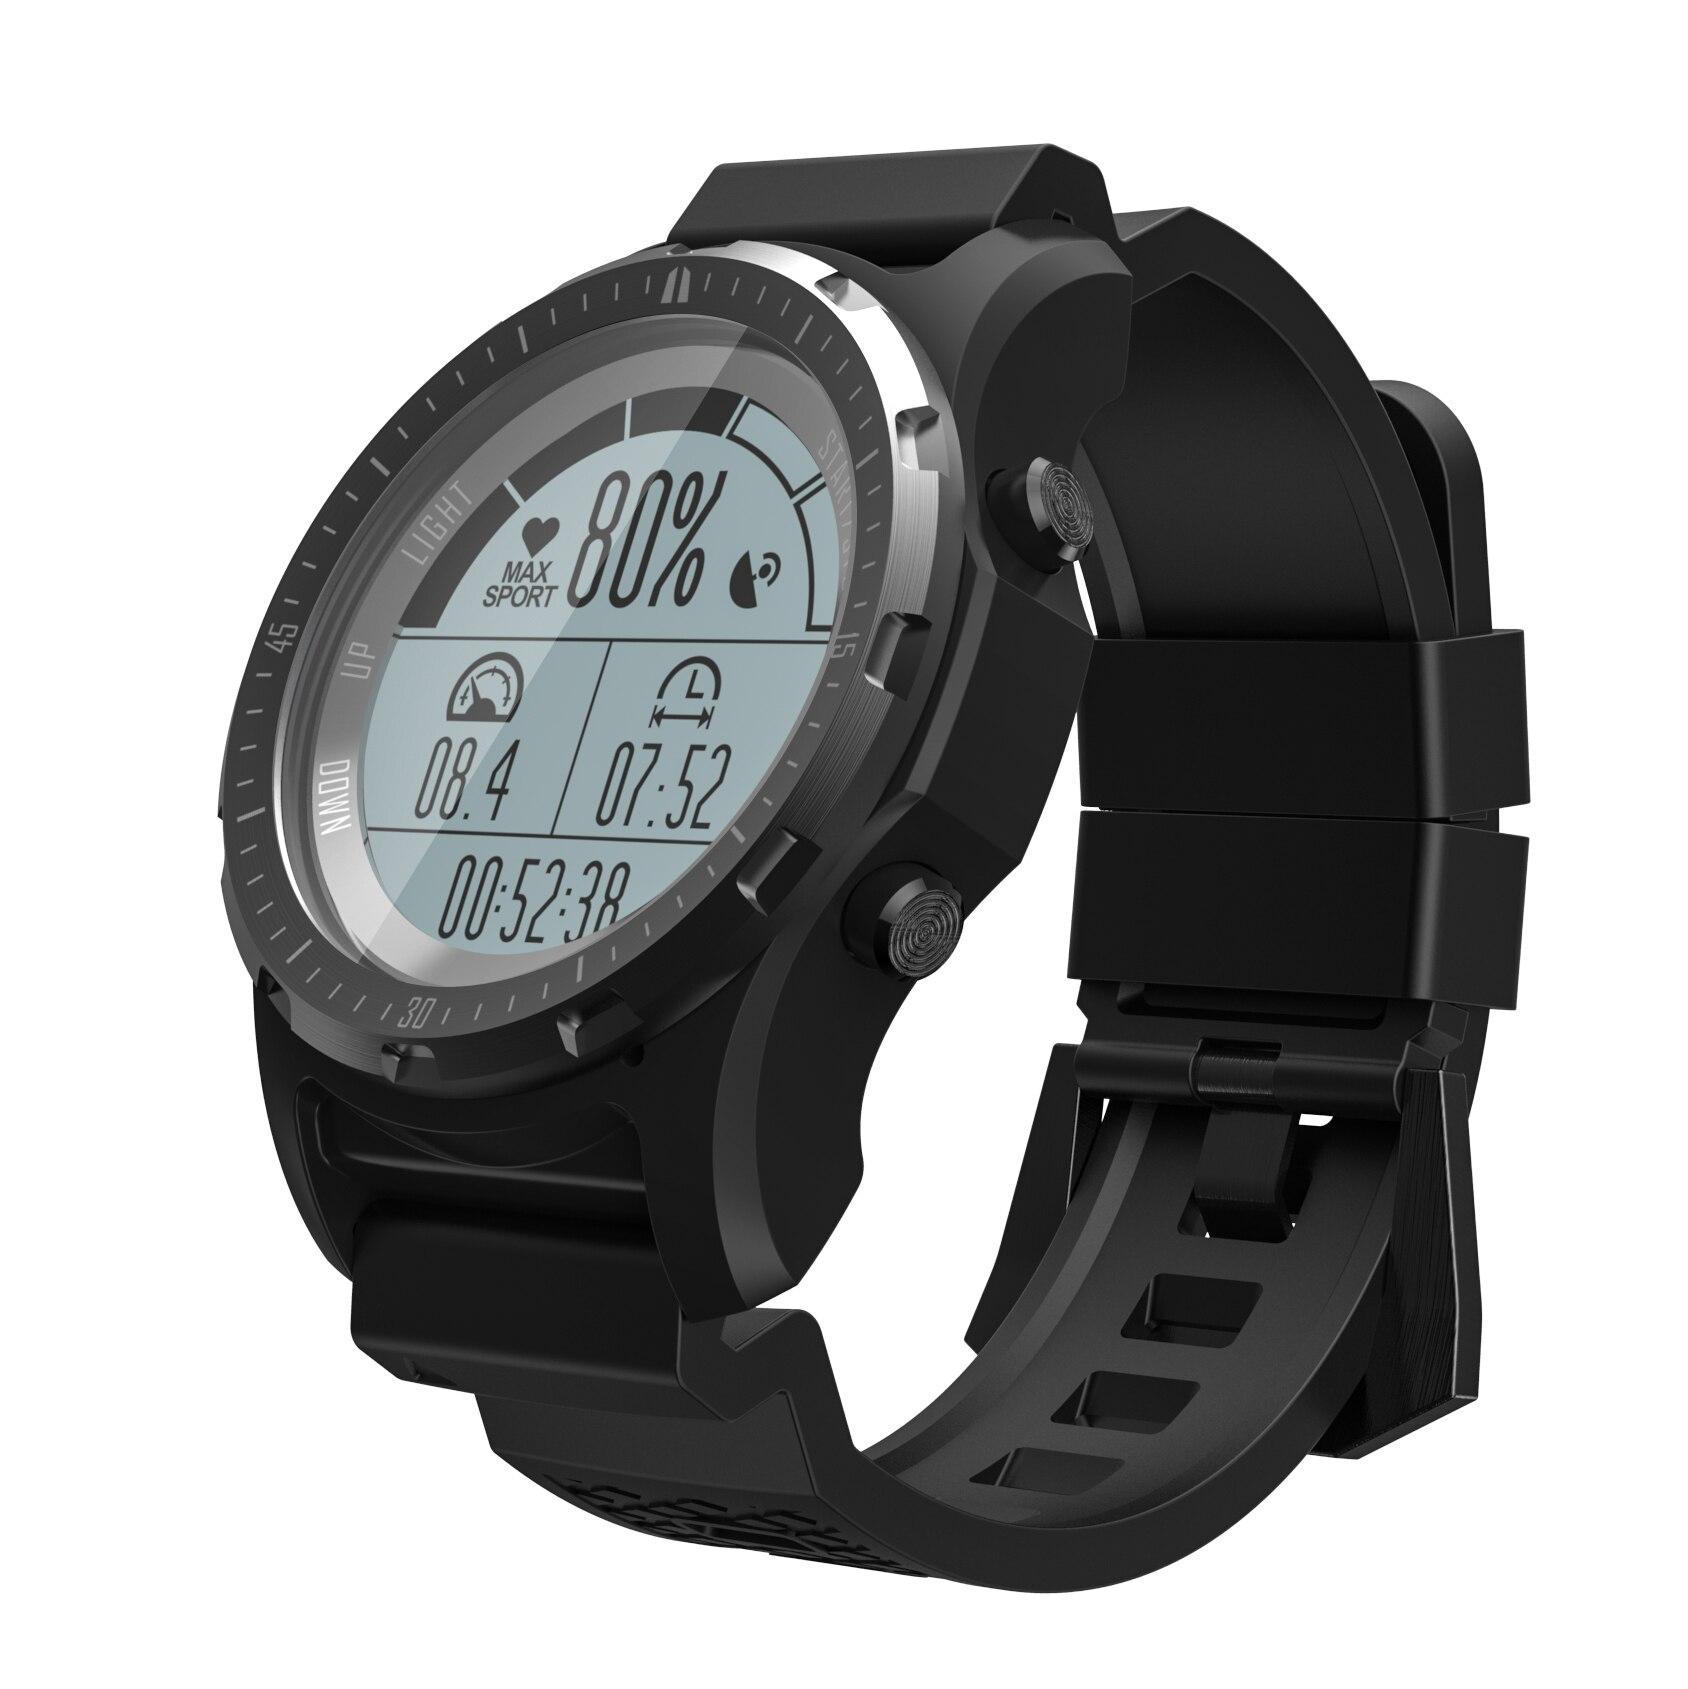 RUIJIE S966 GPS Smart Watch Waterproof Heart Rate Altitude Meter Temperature Compass Multi sport Men Sport Smartwatch